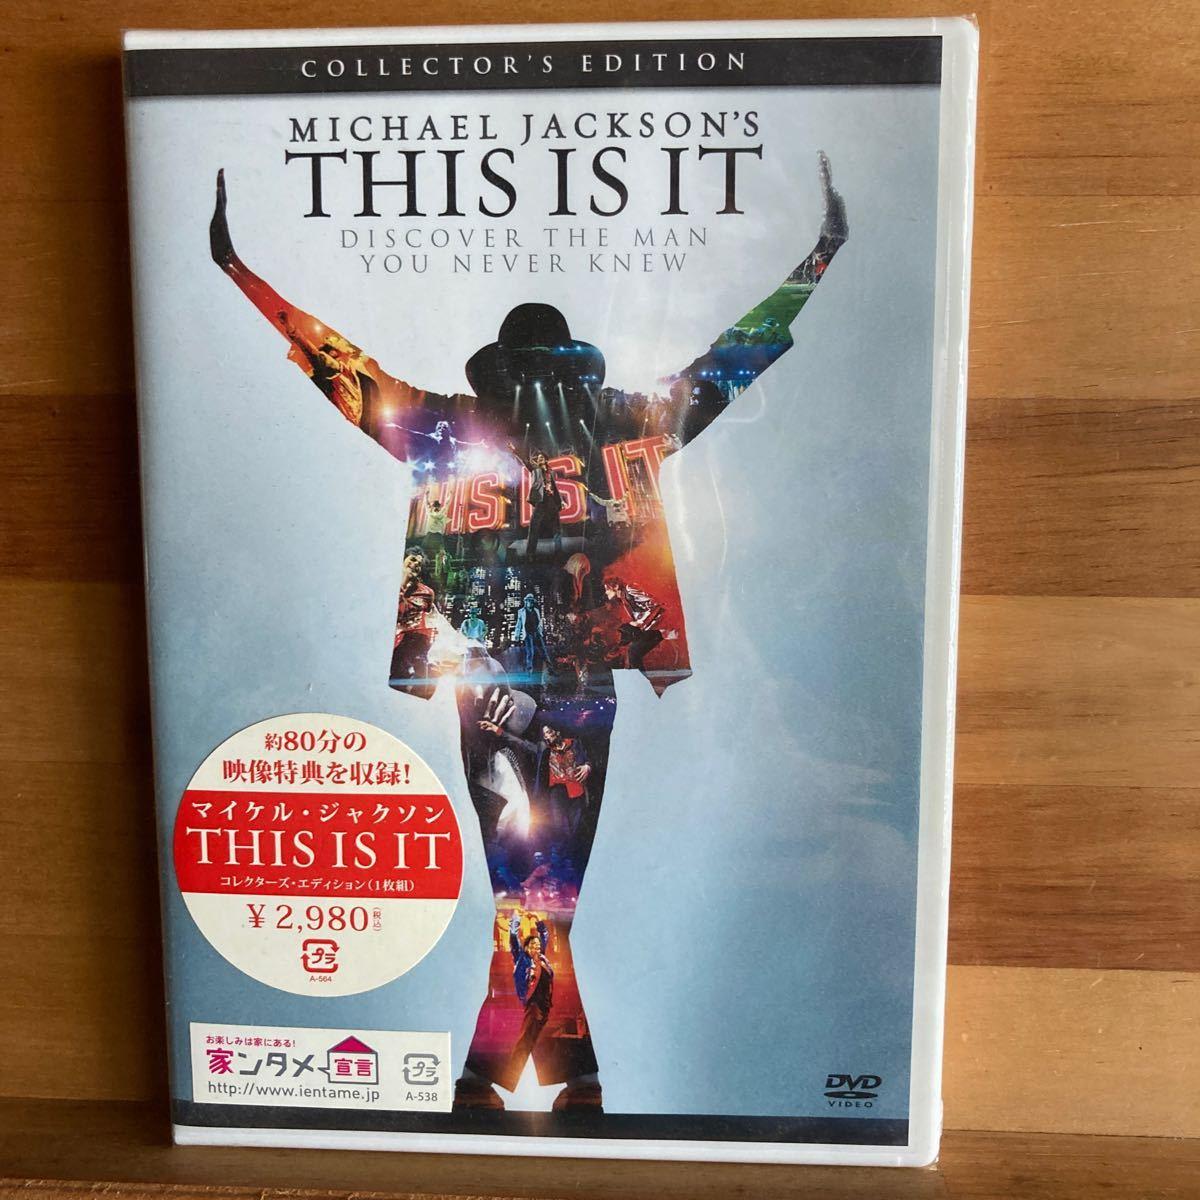 THIS IS IT コレクターズエディション/マイケルジャクソン